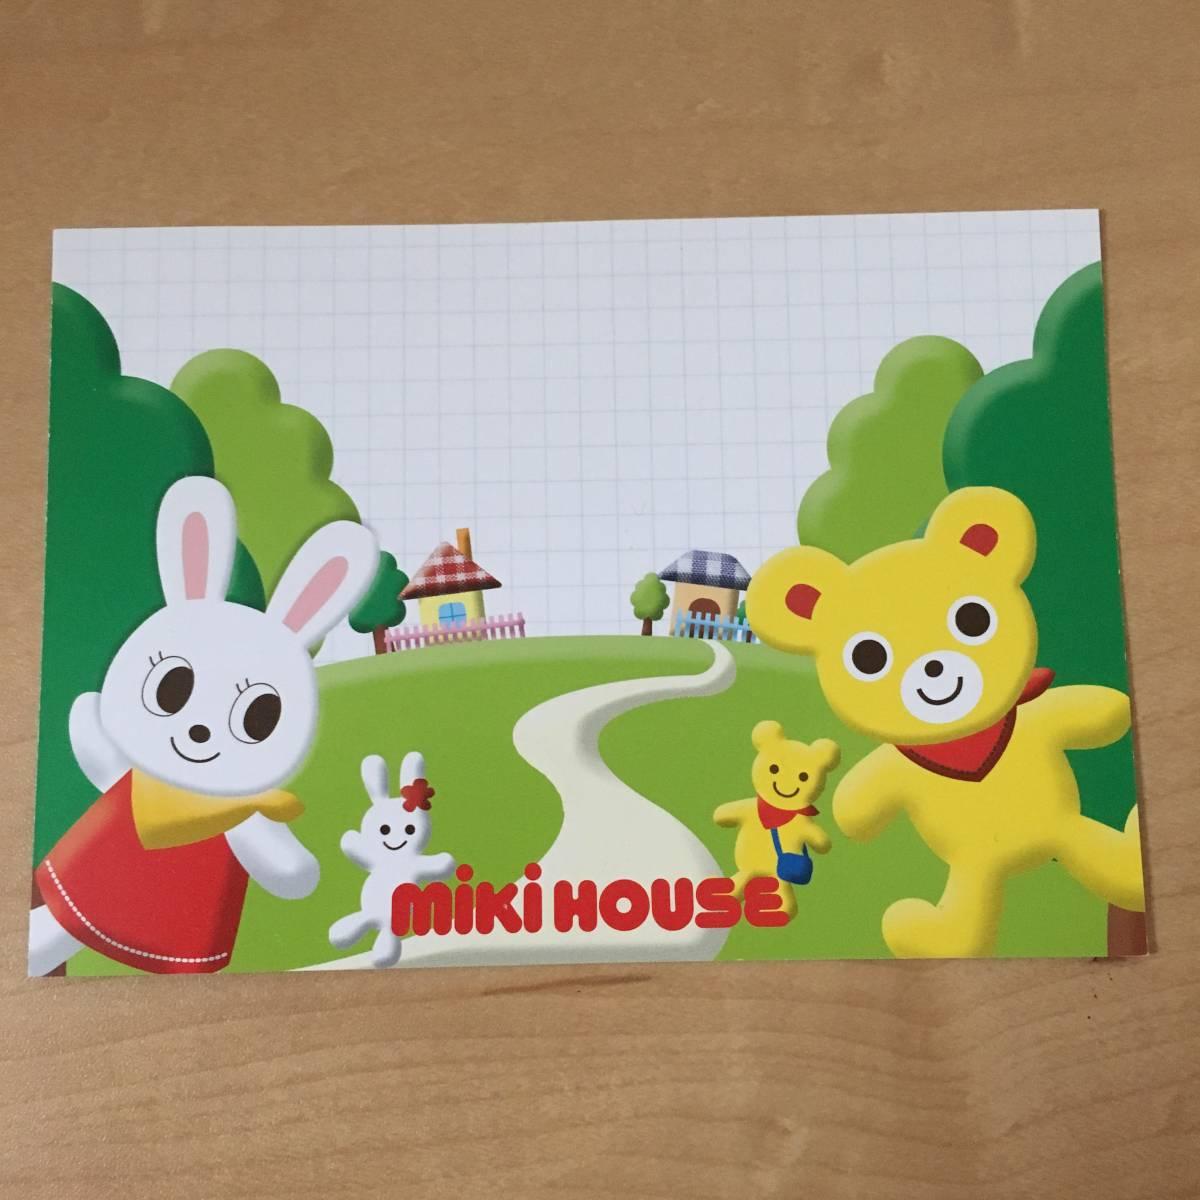 新品 ミキハウス ポストカード 絵葉書_画像1